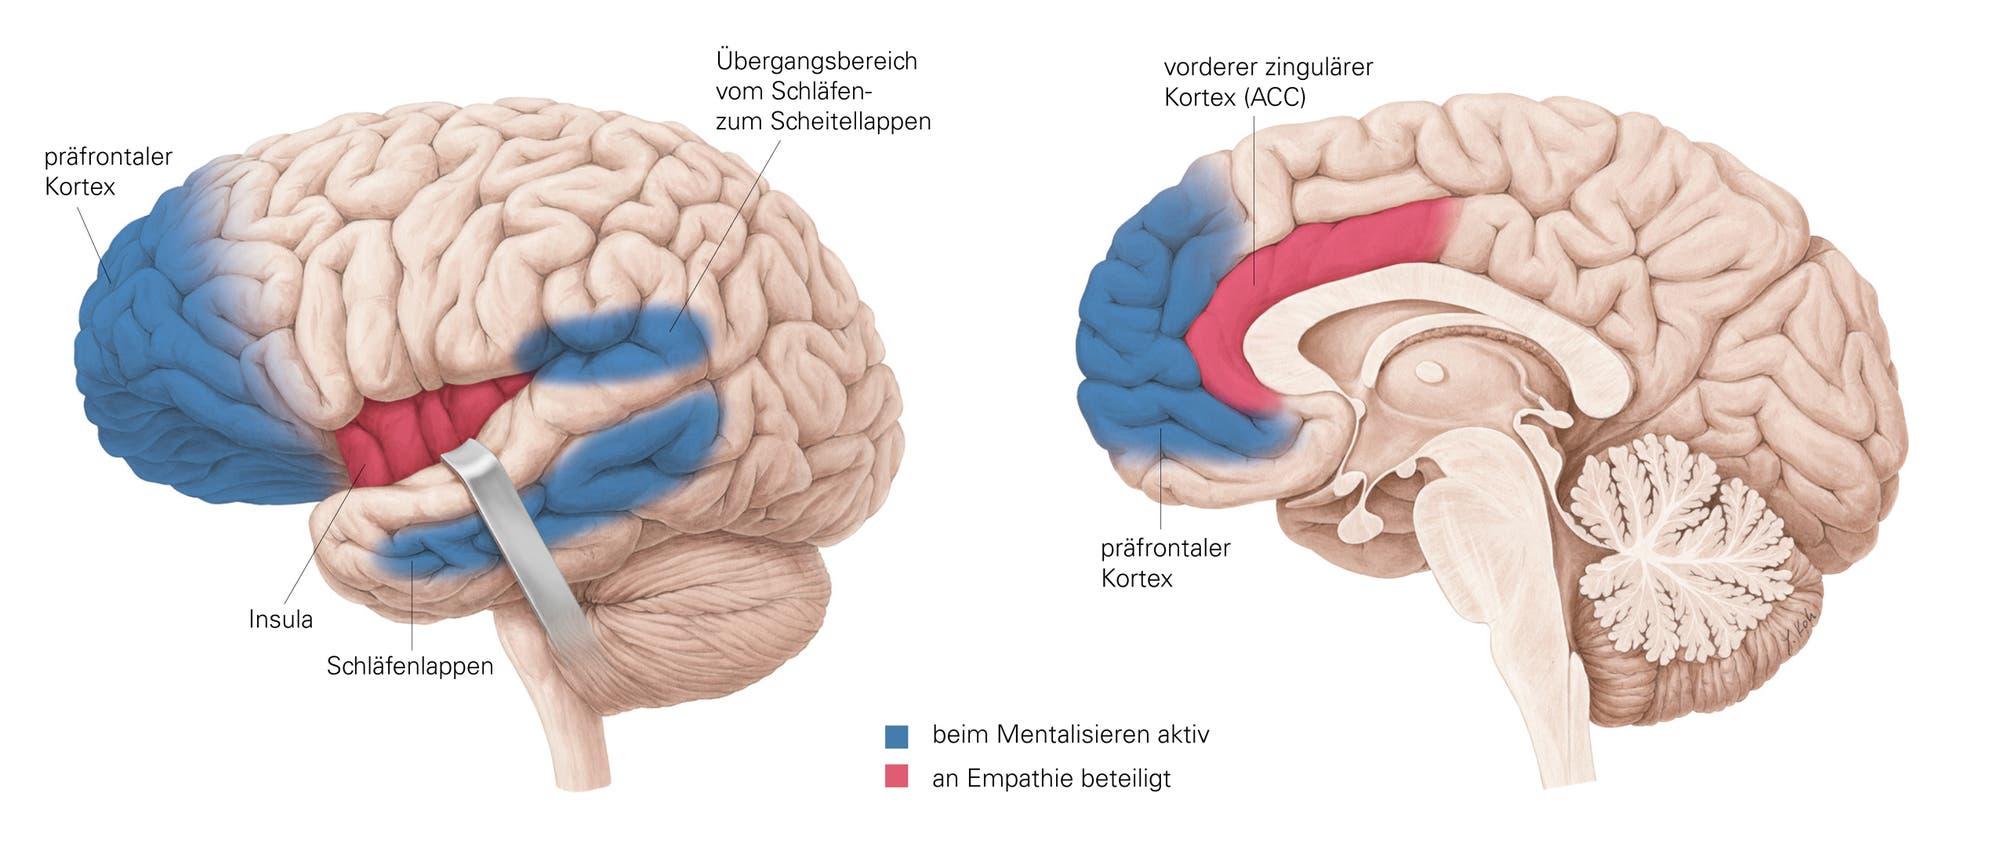 Empathie im Gehirn